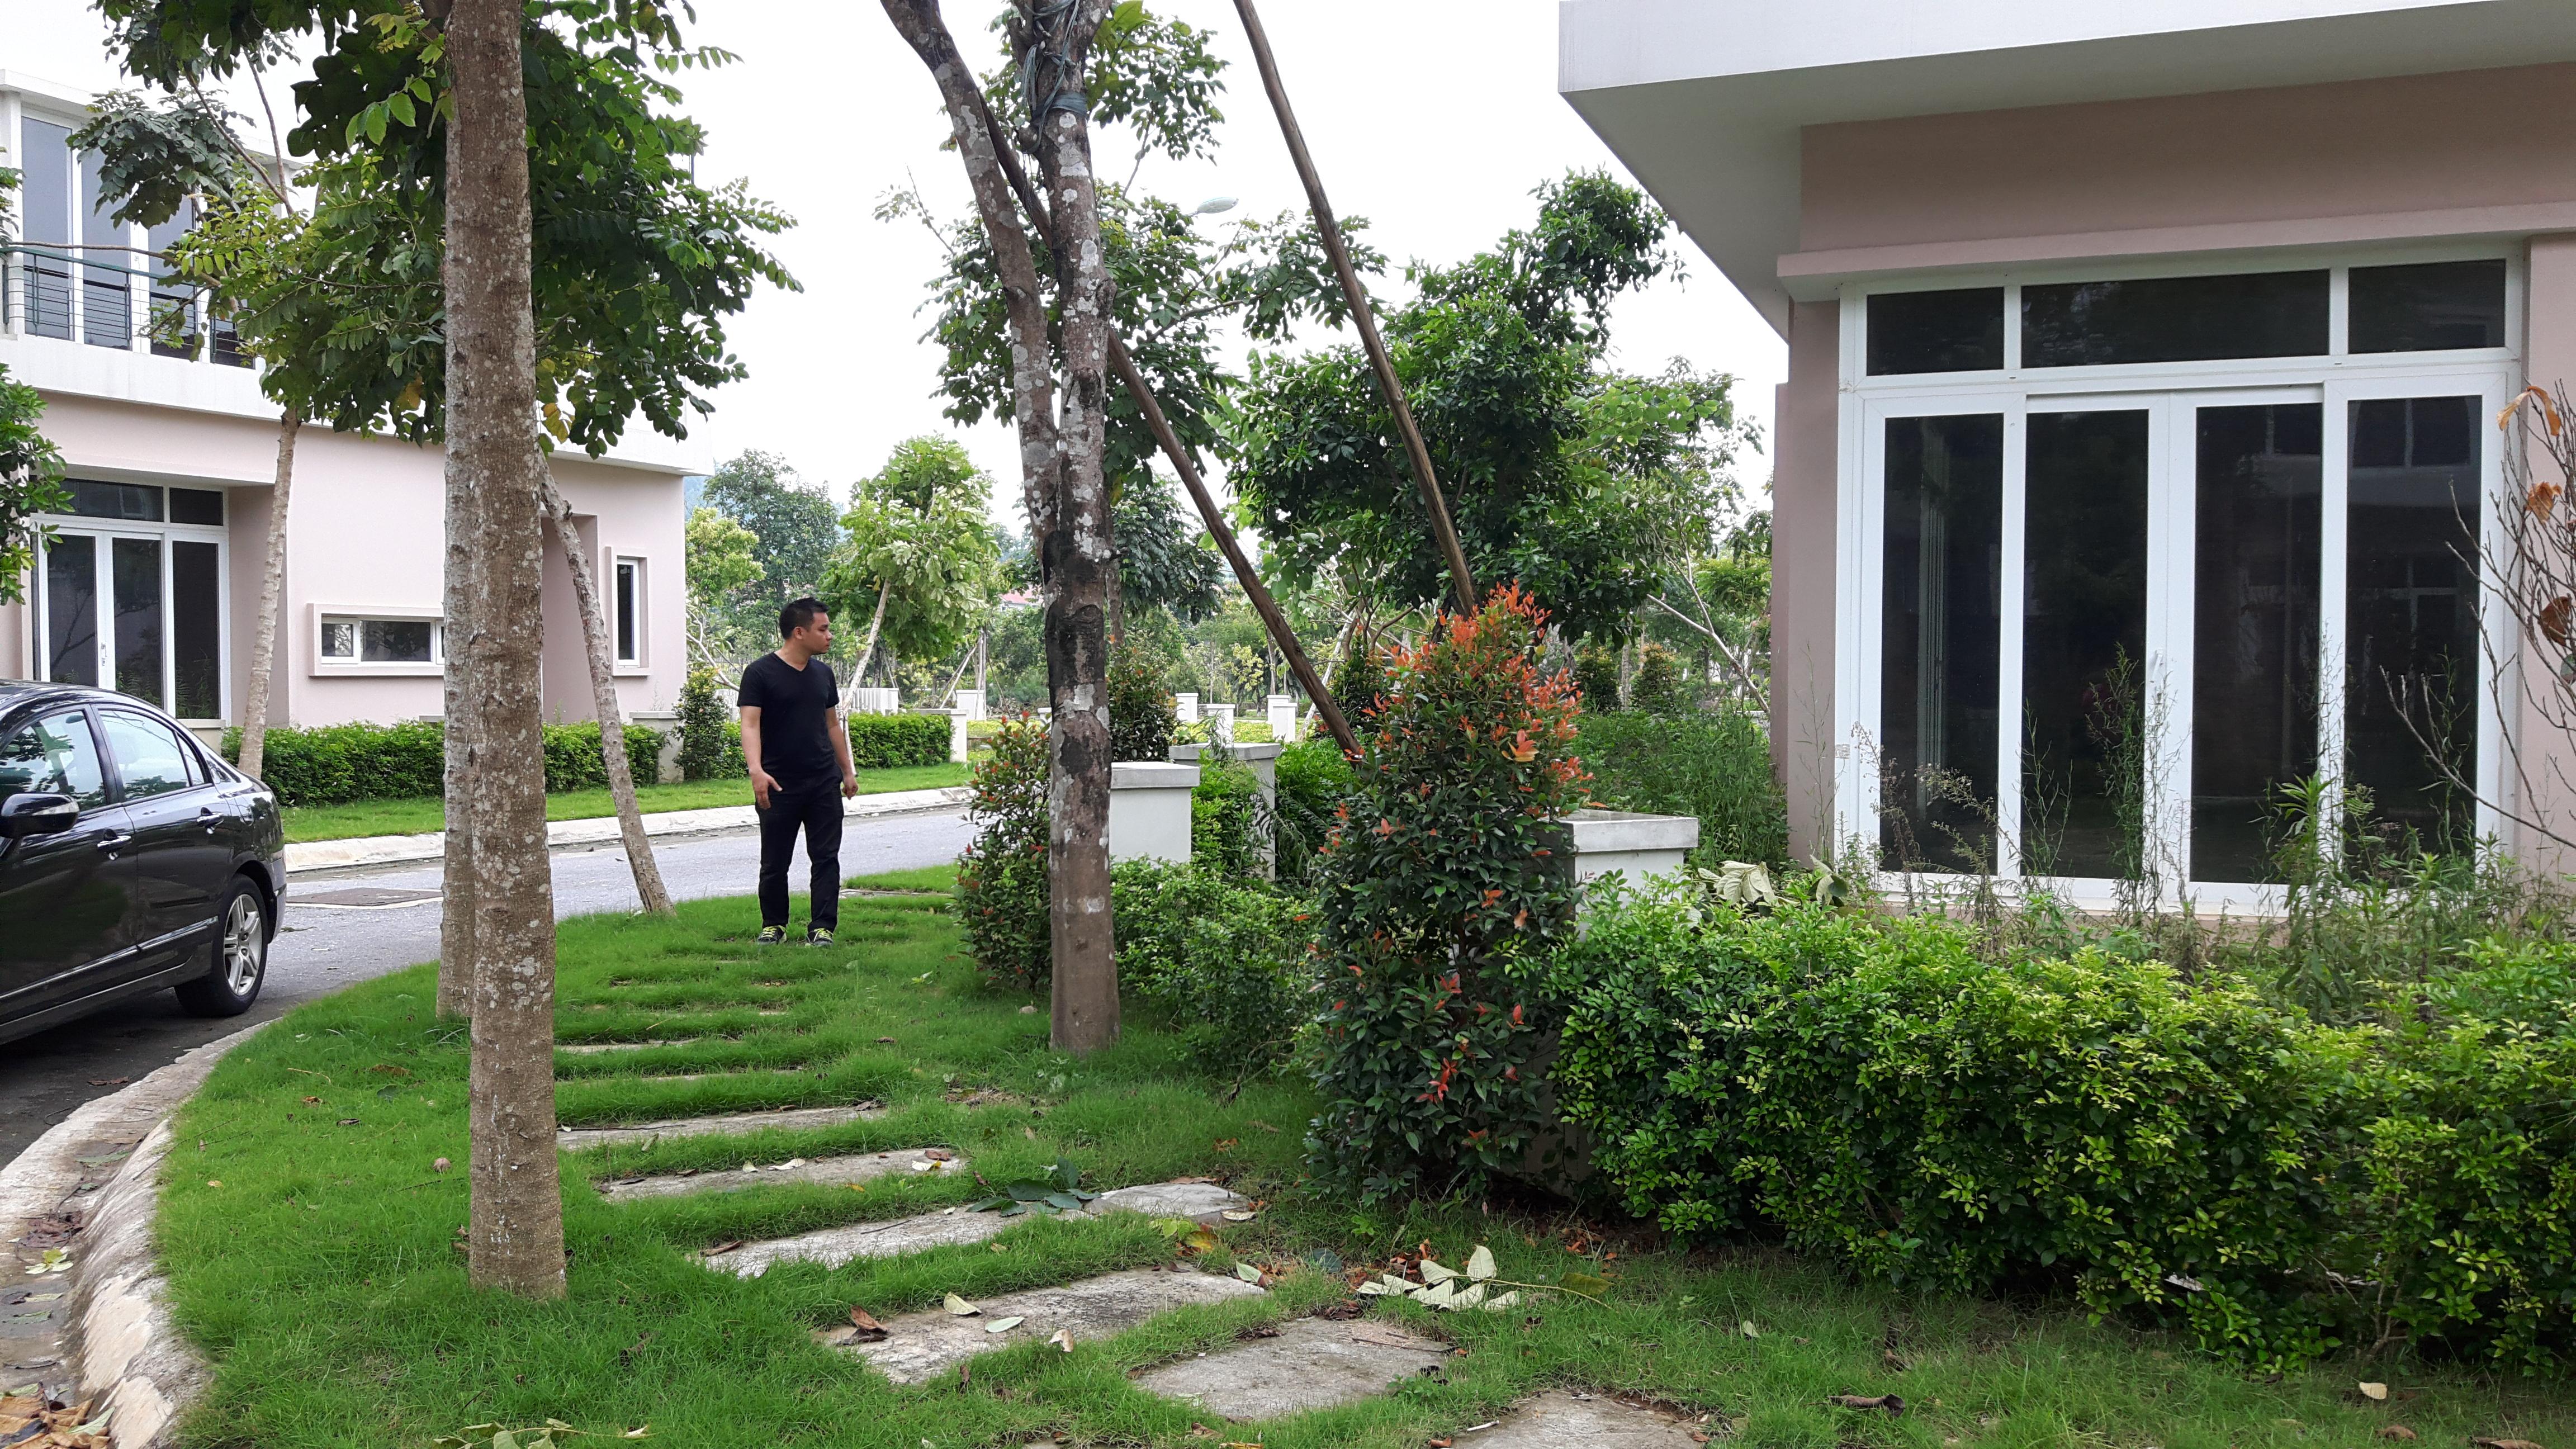 Bán biệt thự Xanh Villas, chủ đầu tư Xuân Cầu